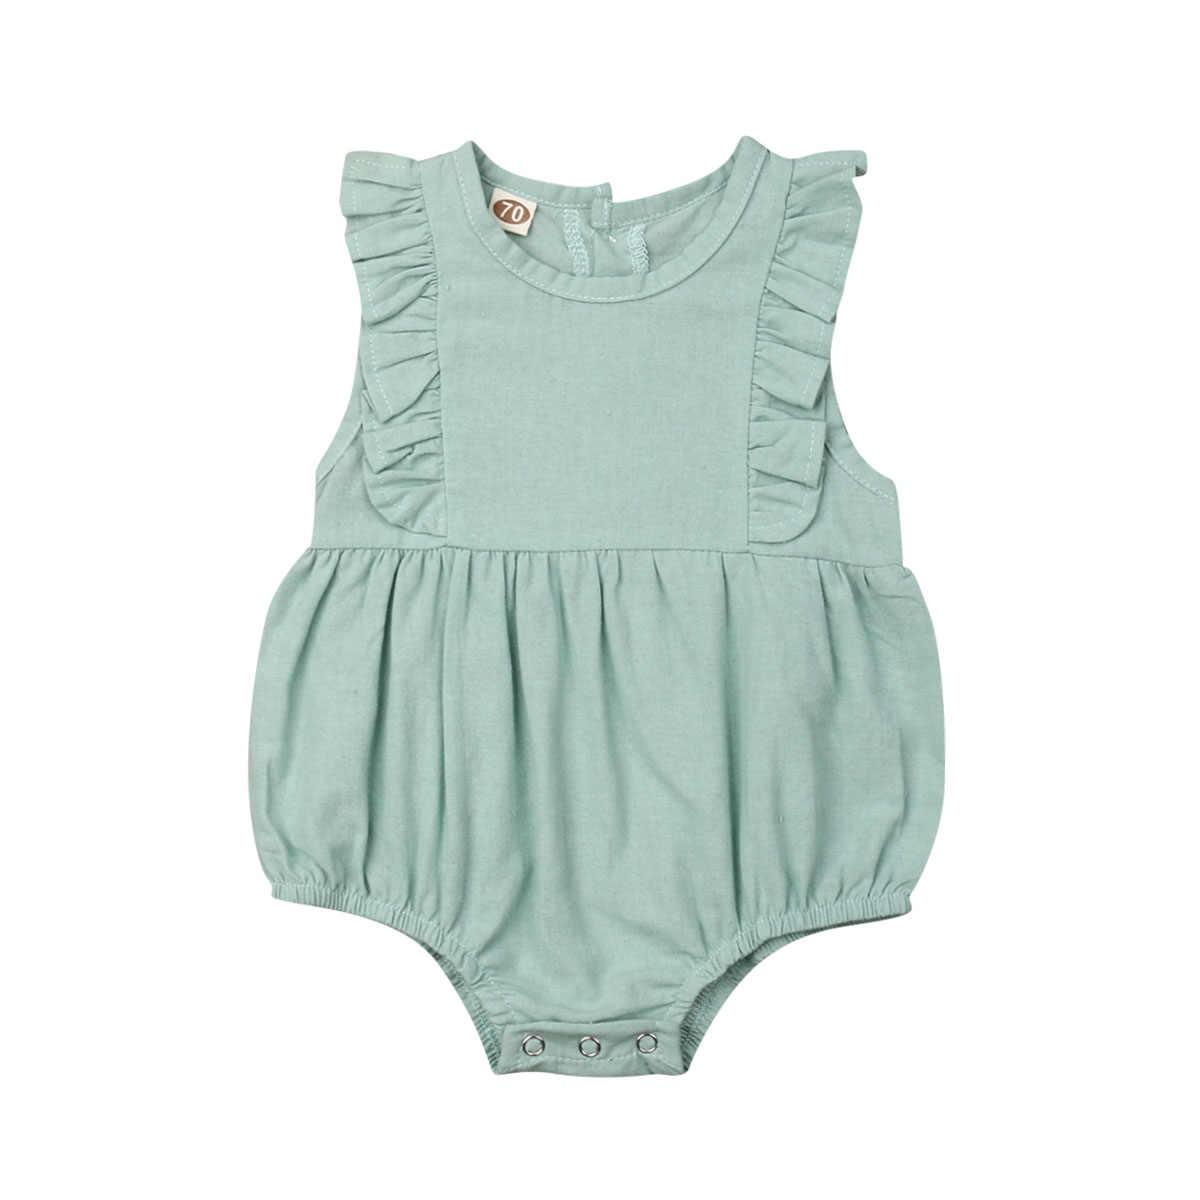 Боди принцессы для новорожденных девочек; одежда с милыми оборками без рукавов; Однотонный хлопковый комбинезон для малышей; комбинезон